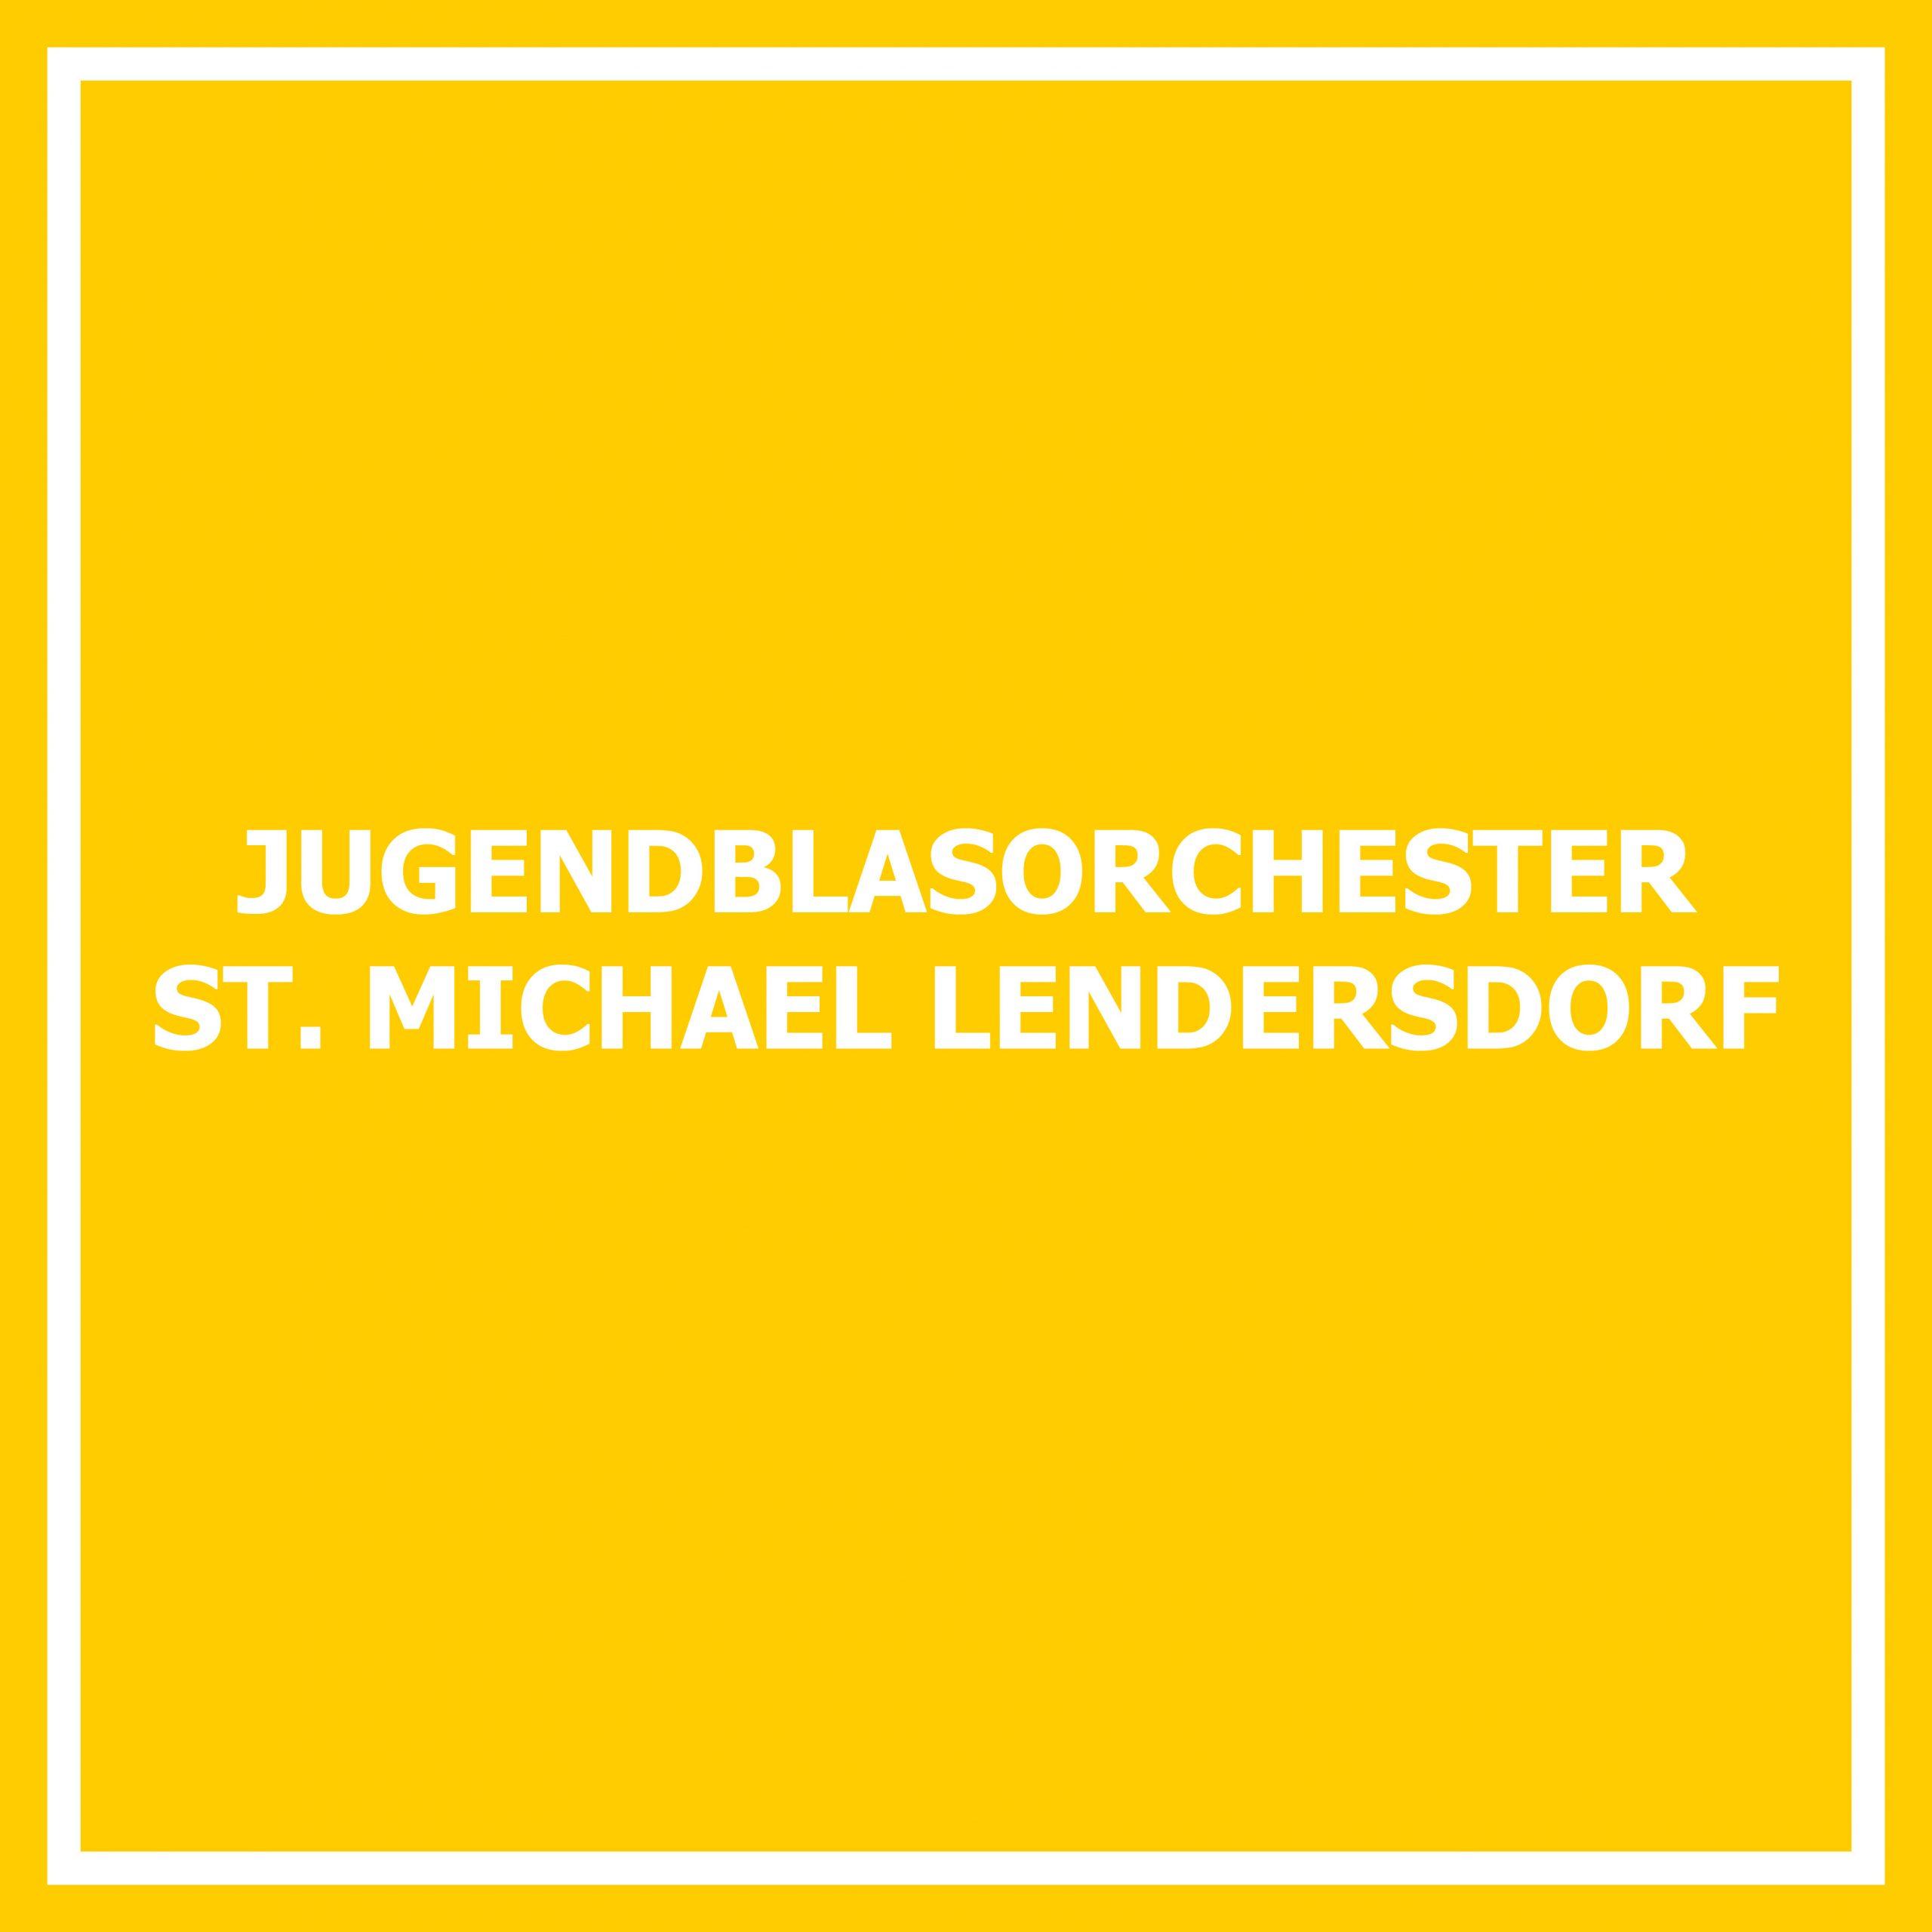 JBO St. Michael  Lendersdorf